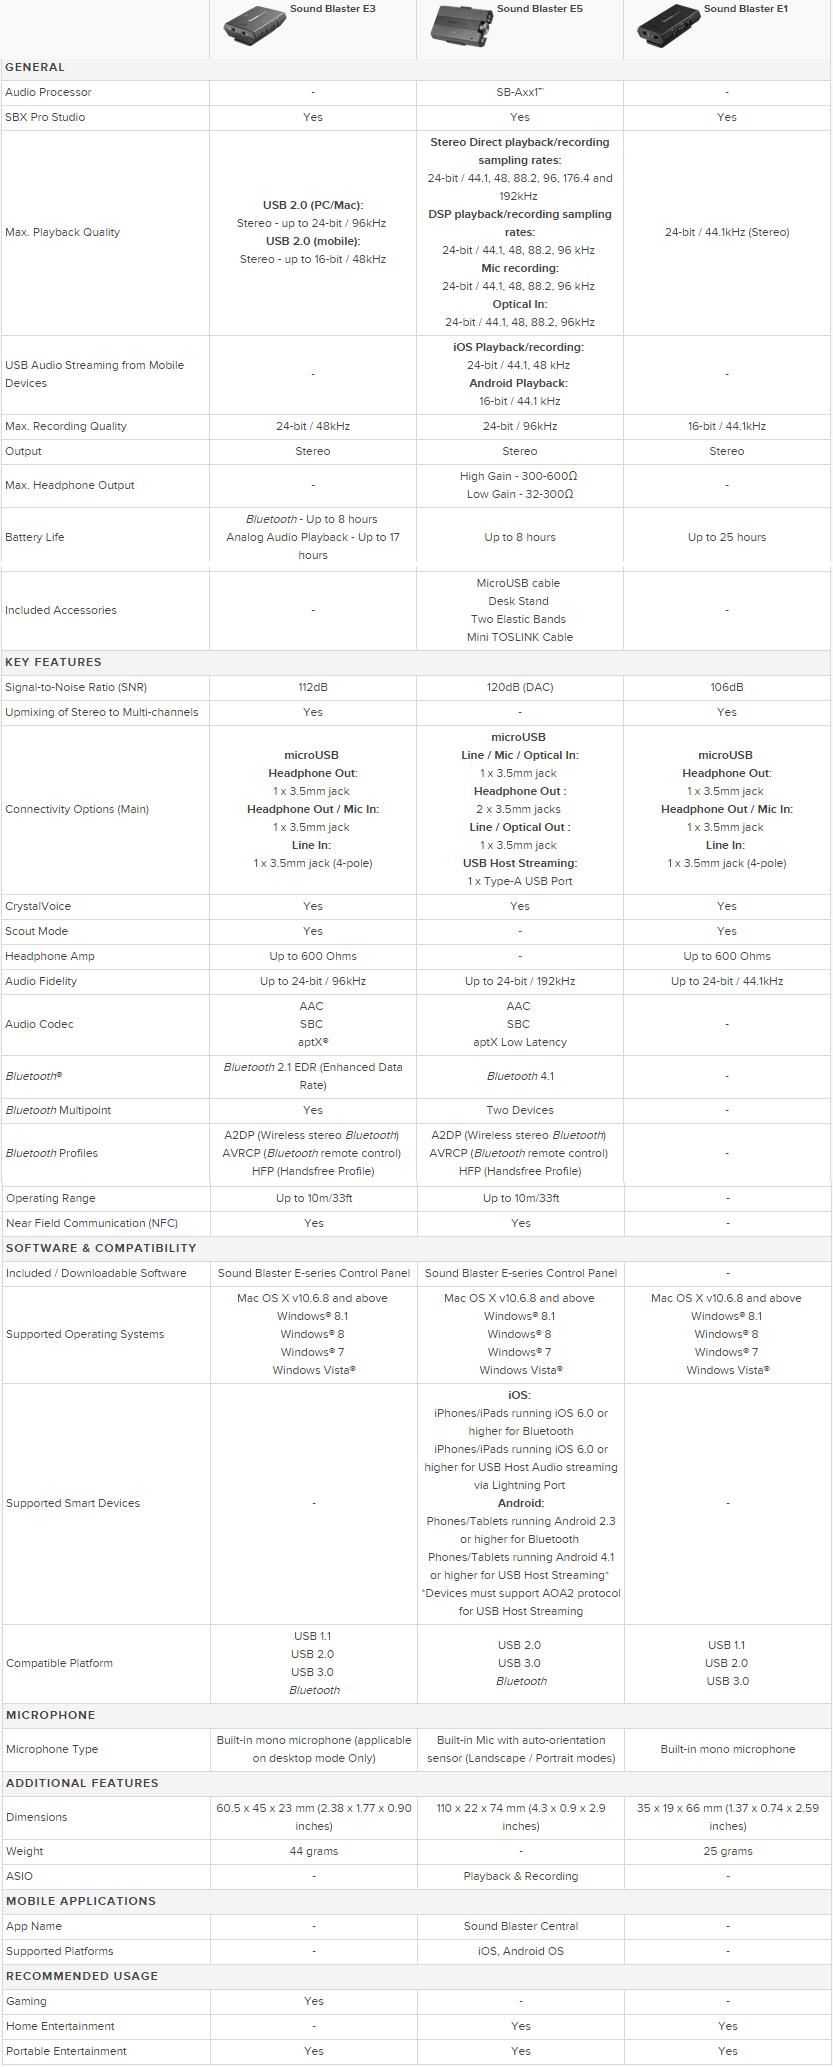 Sound Blaster E5 DAC Review vs E3 vs E1